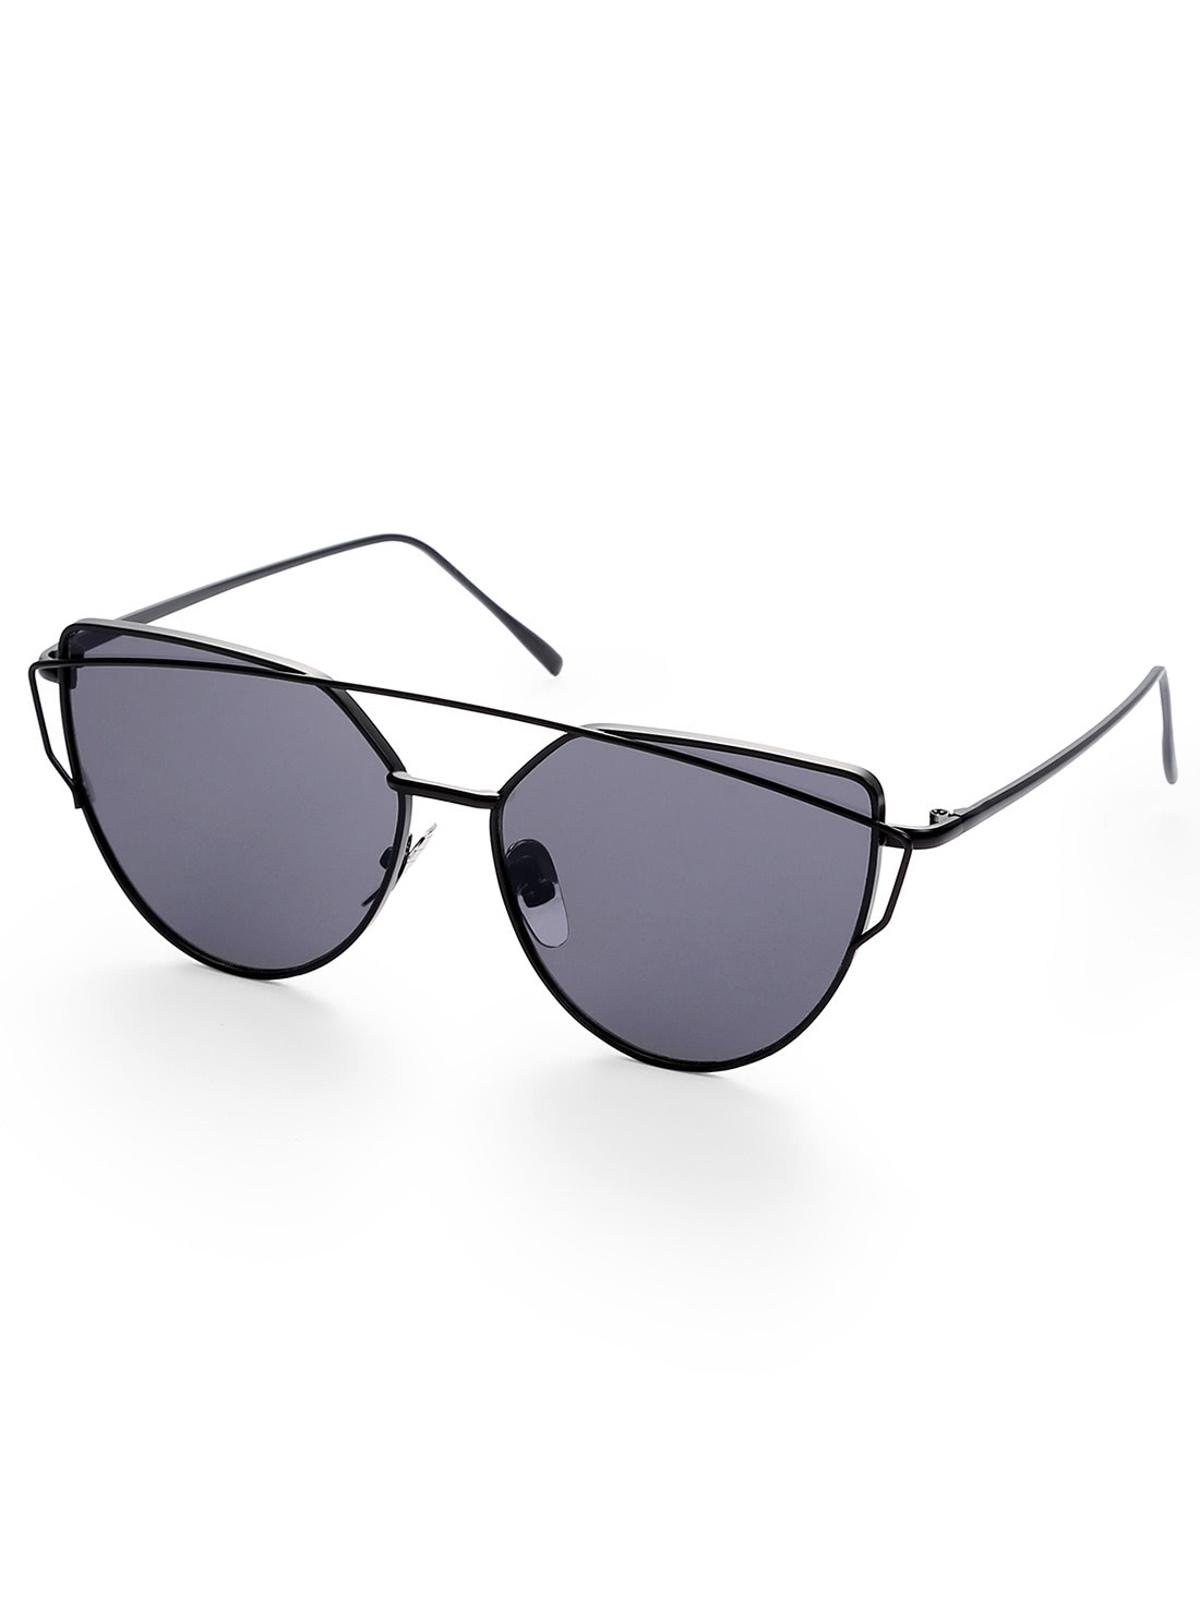 黑色 鏡片 貓眼 金屬 框 太陽眼鏡